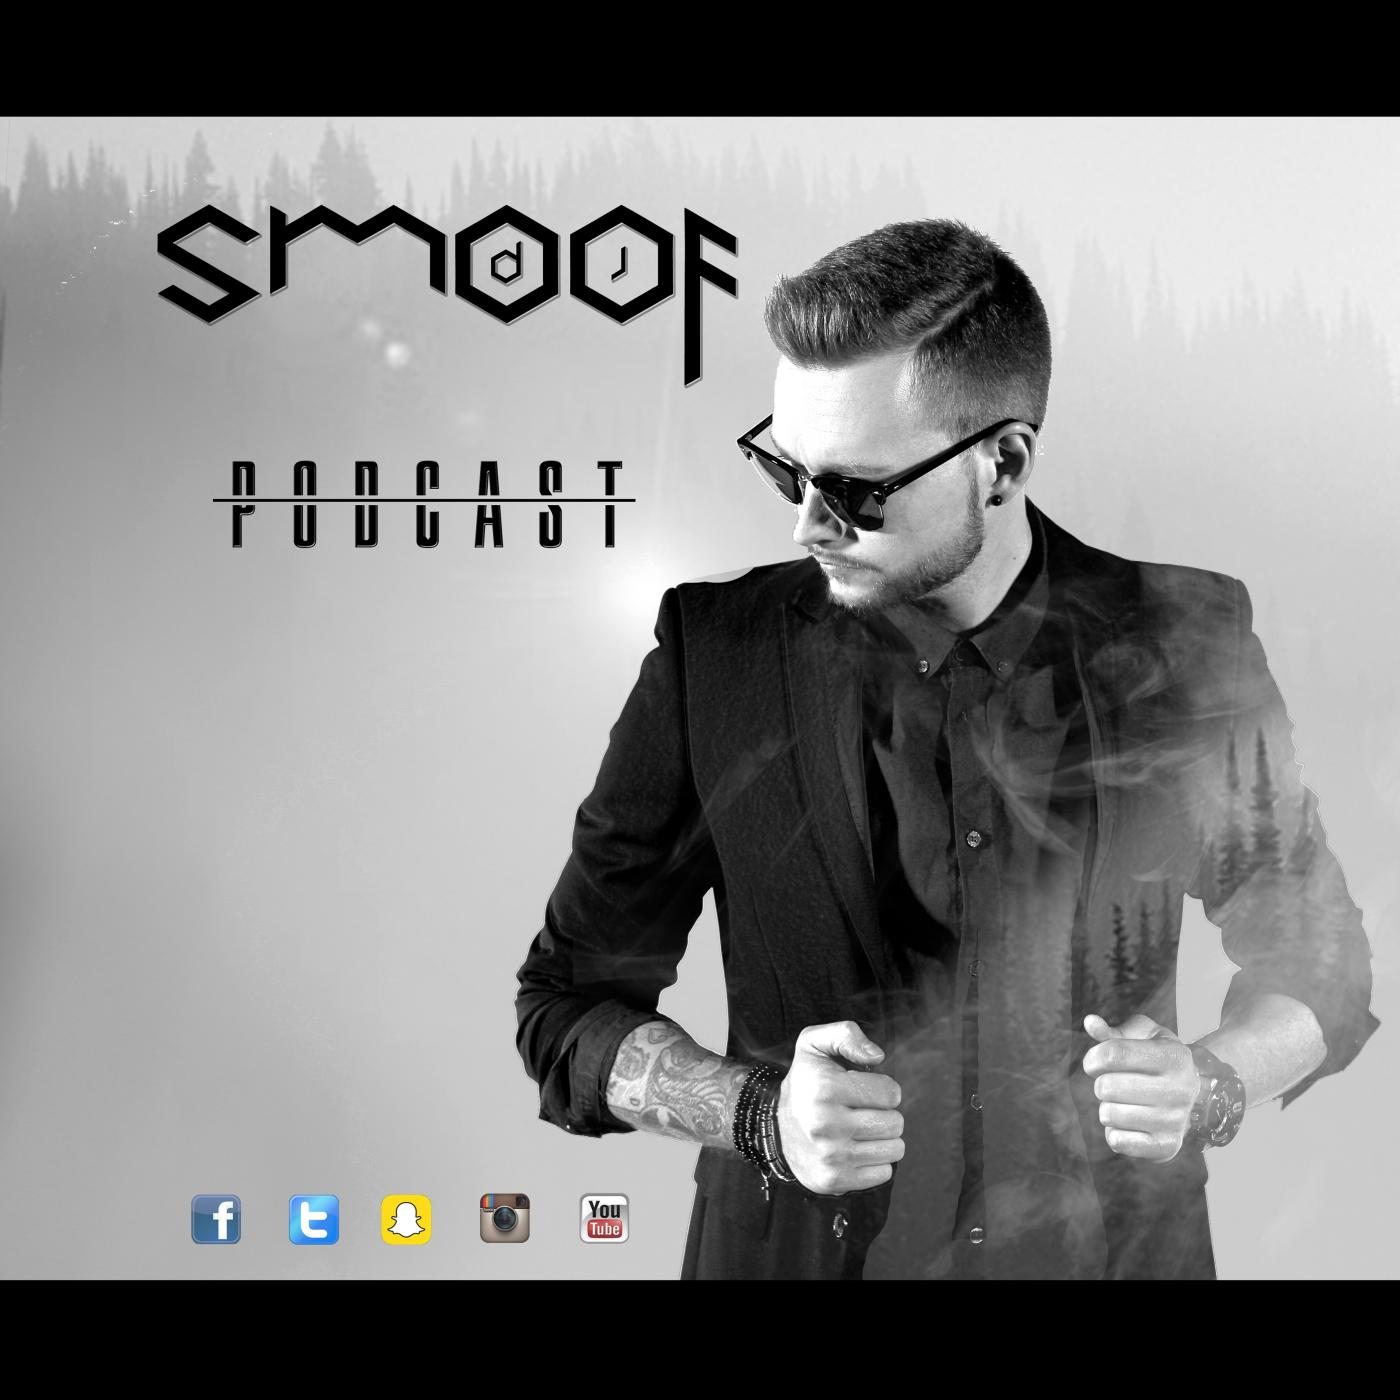 DJ SMOOF OFFICIAL PODCAST